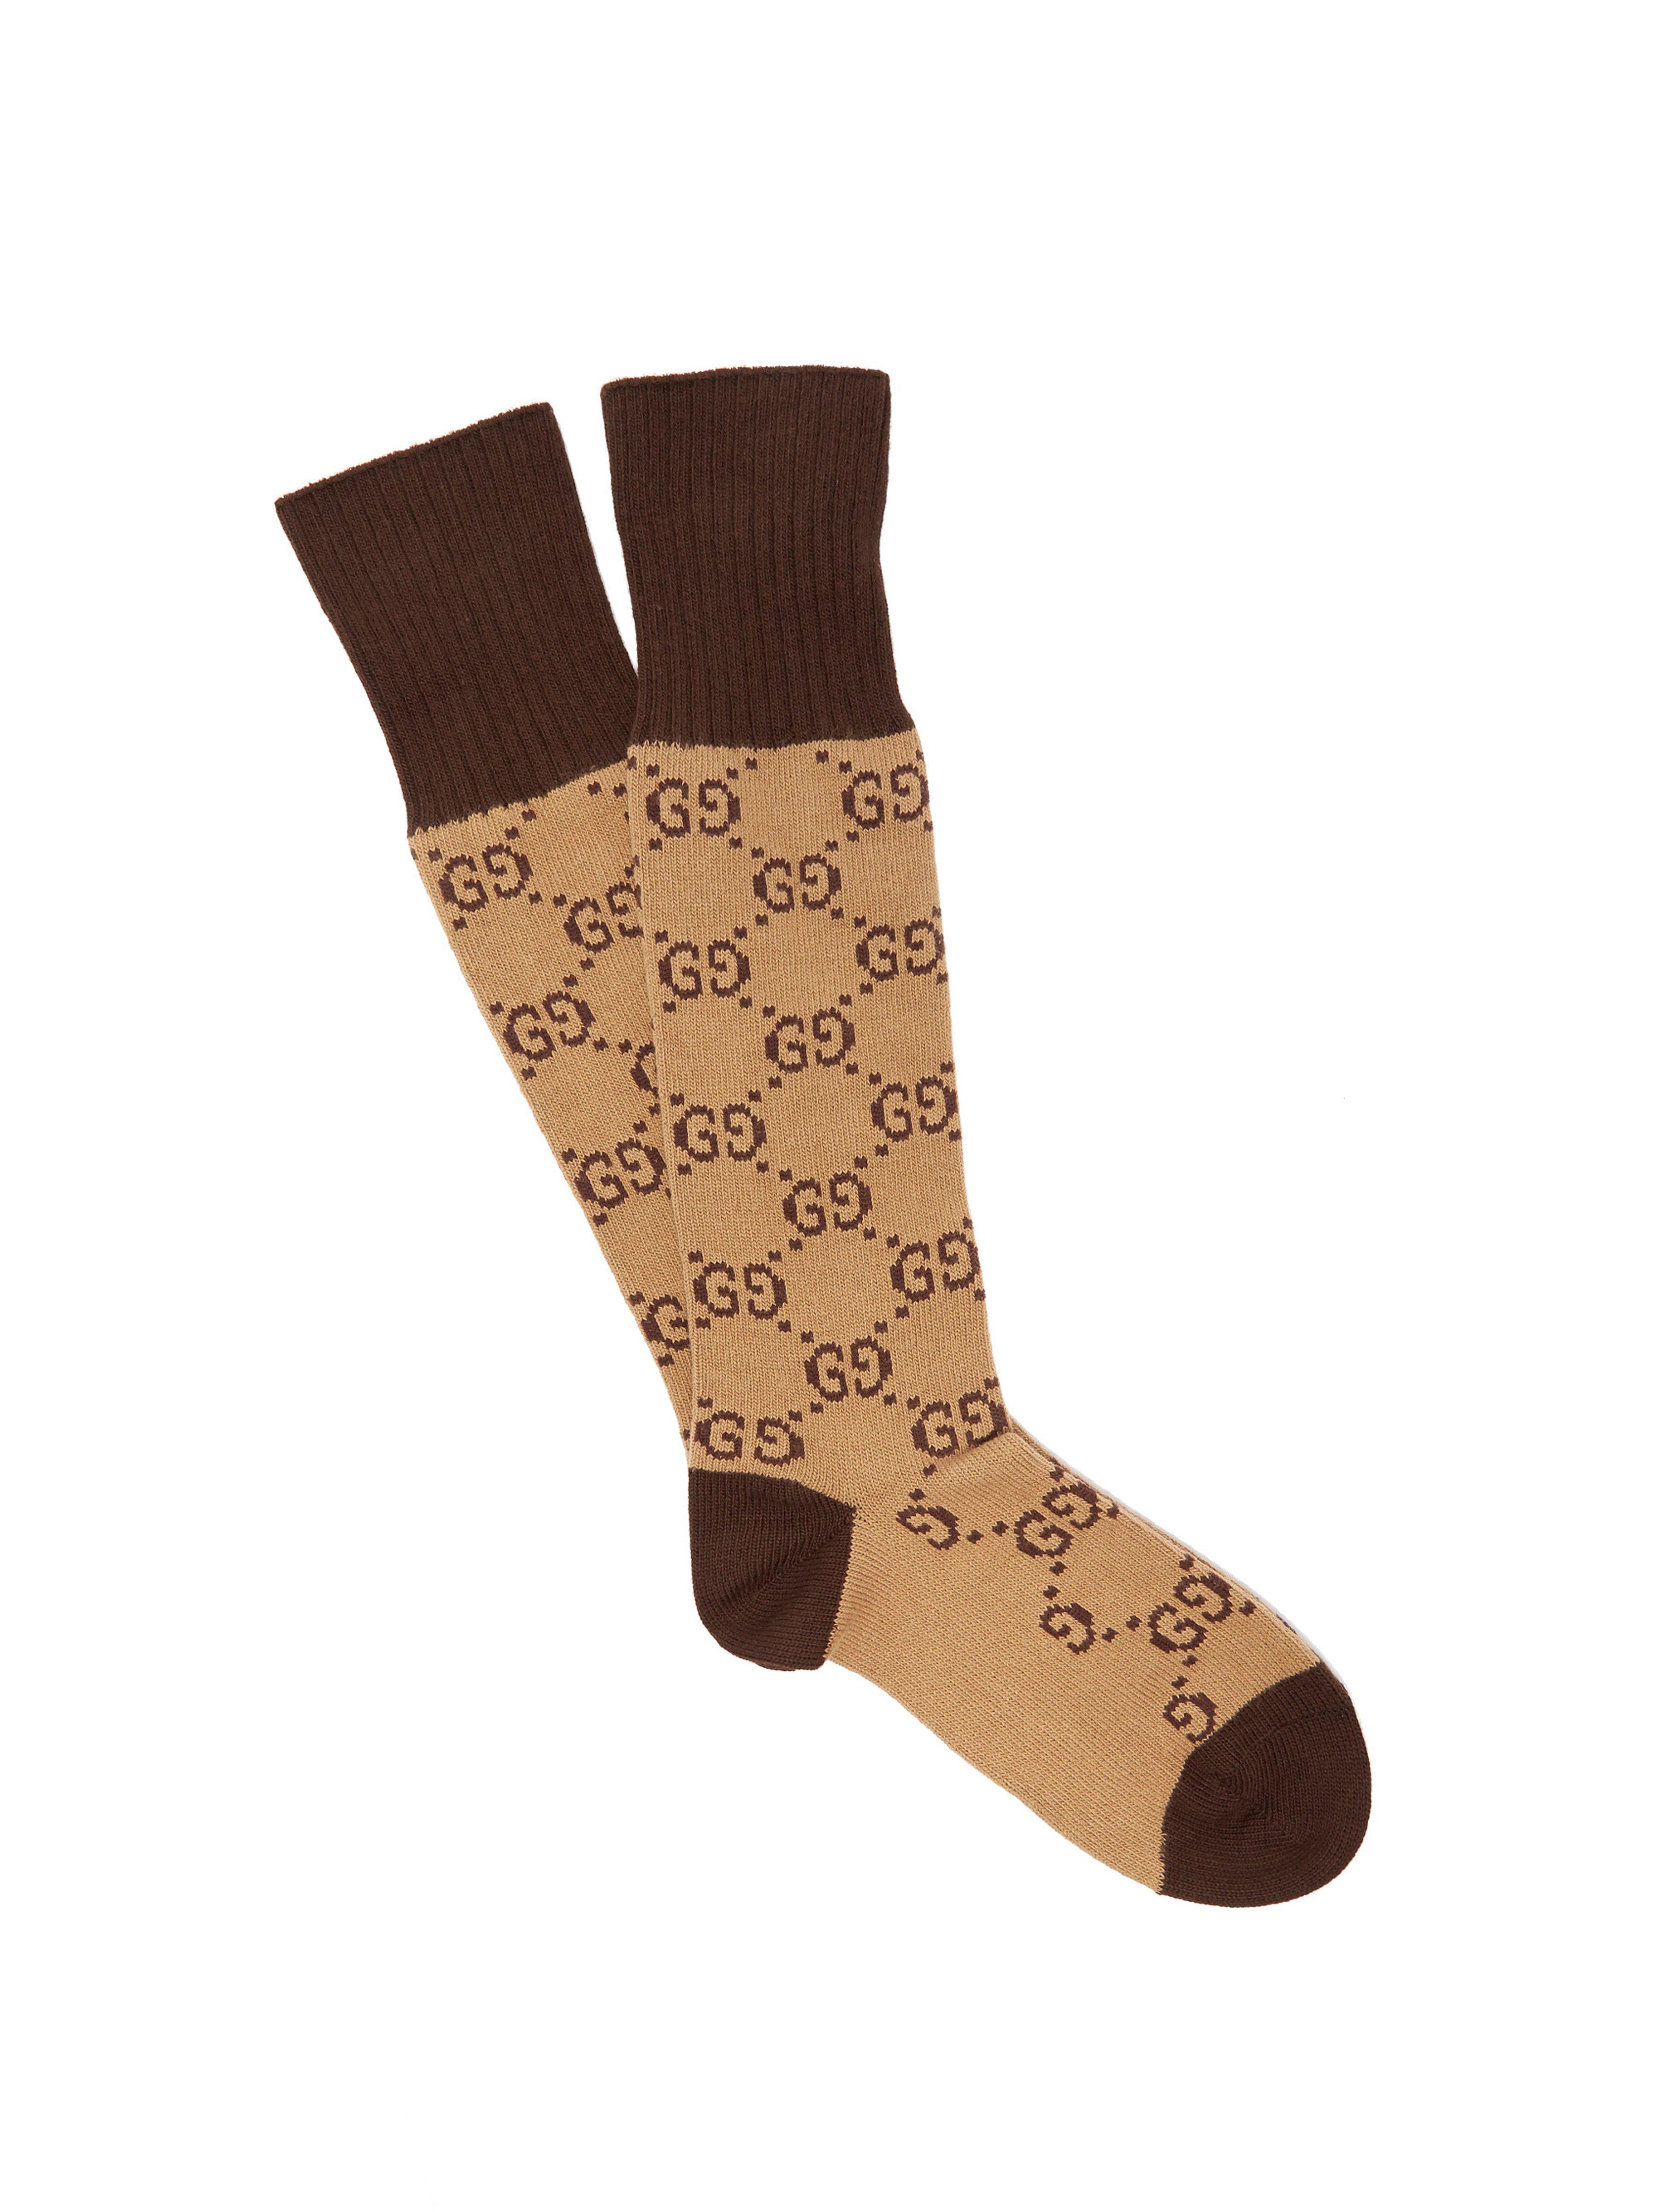 70b8a1a2a00 Lyst - Chaussettes en coton mélangé en intarsia GG Gucci pour homme ...